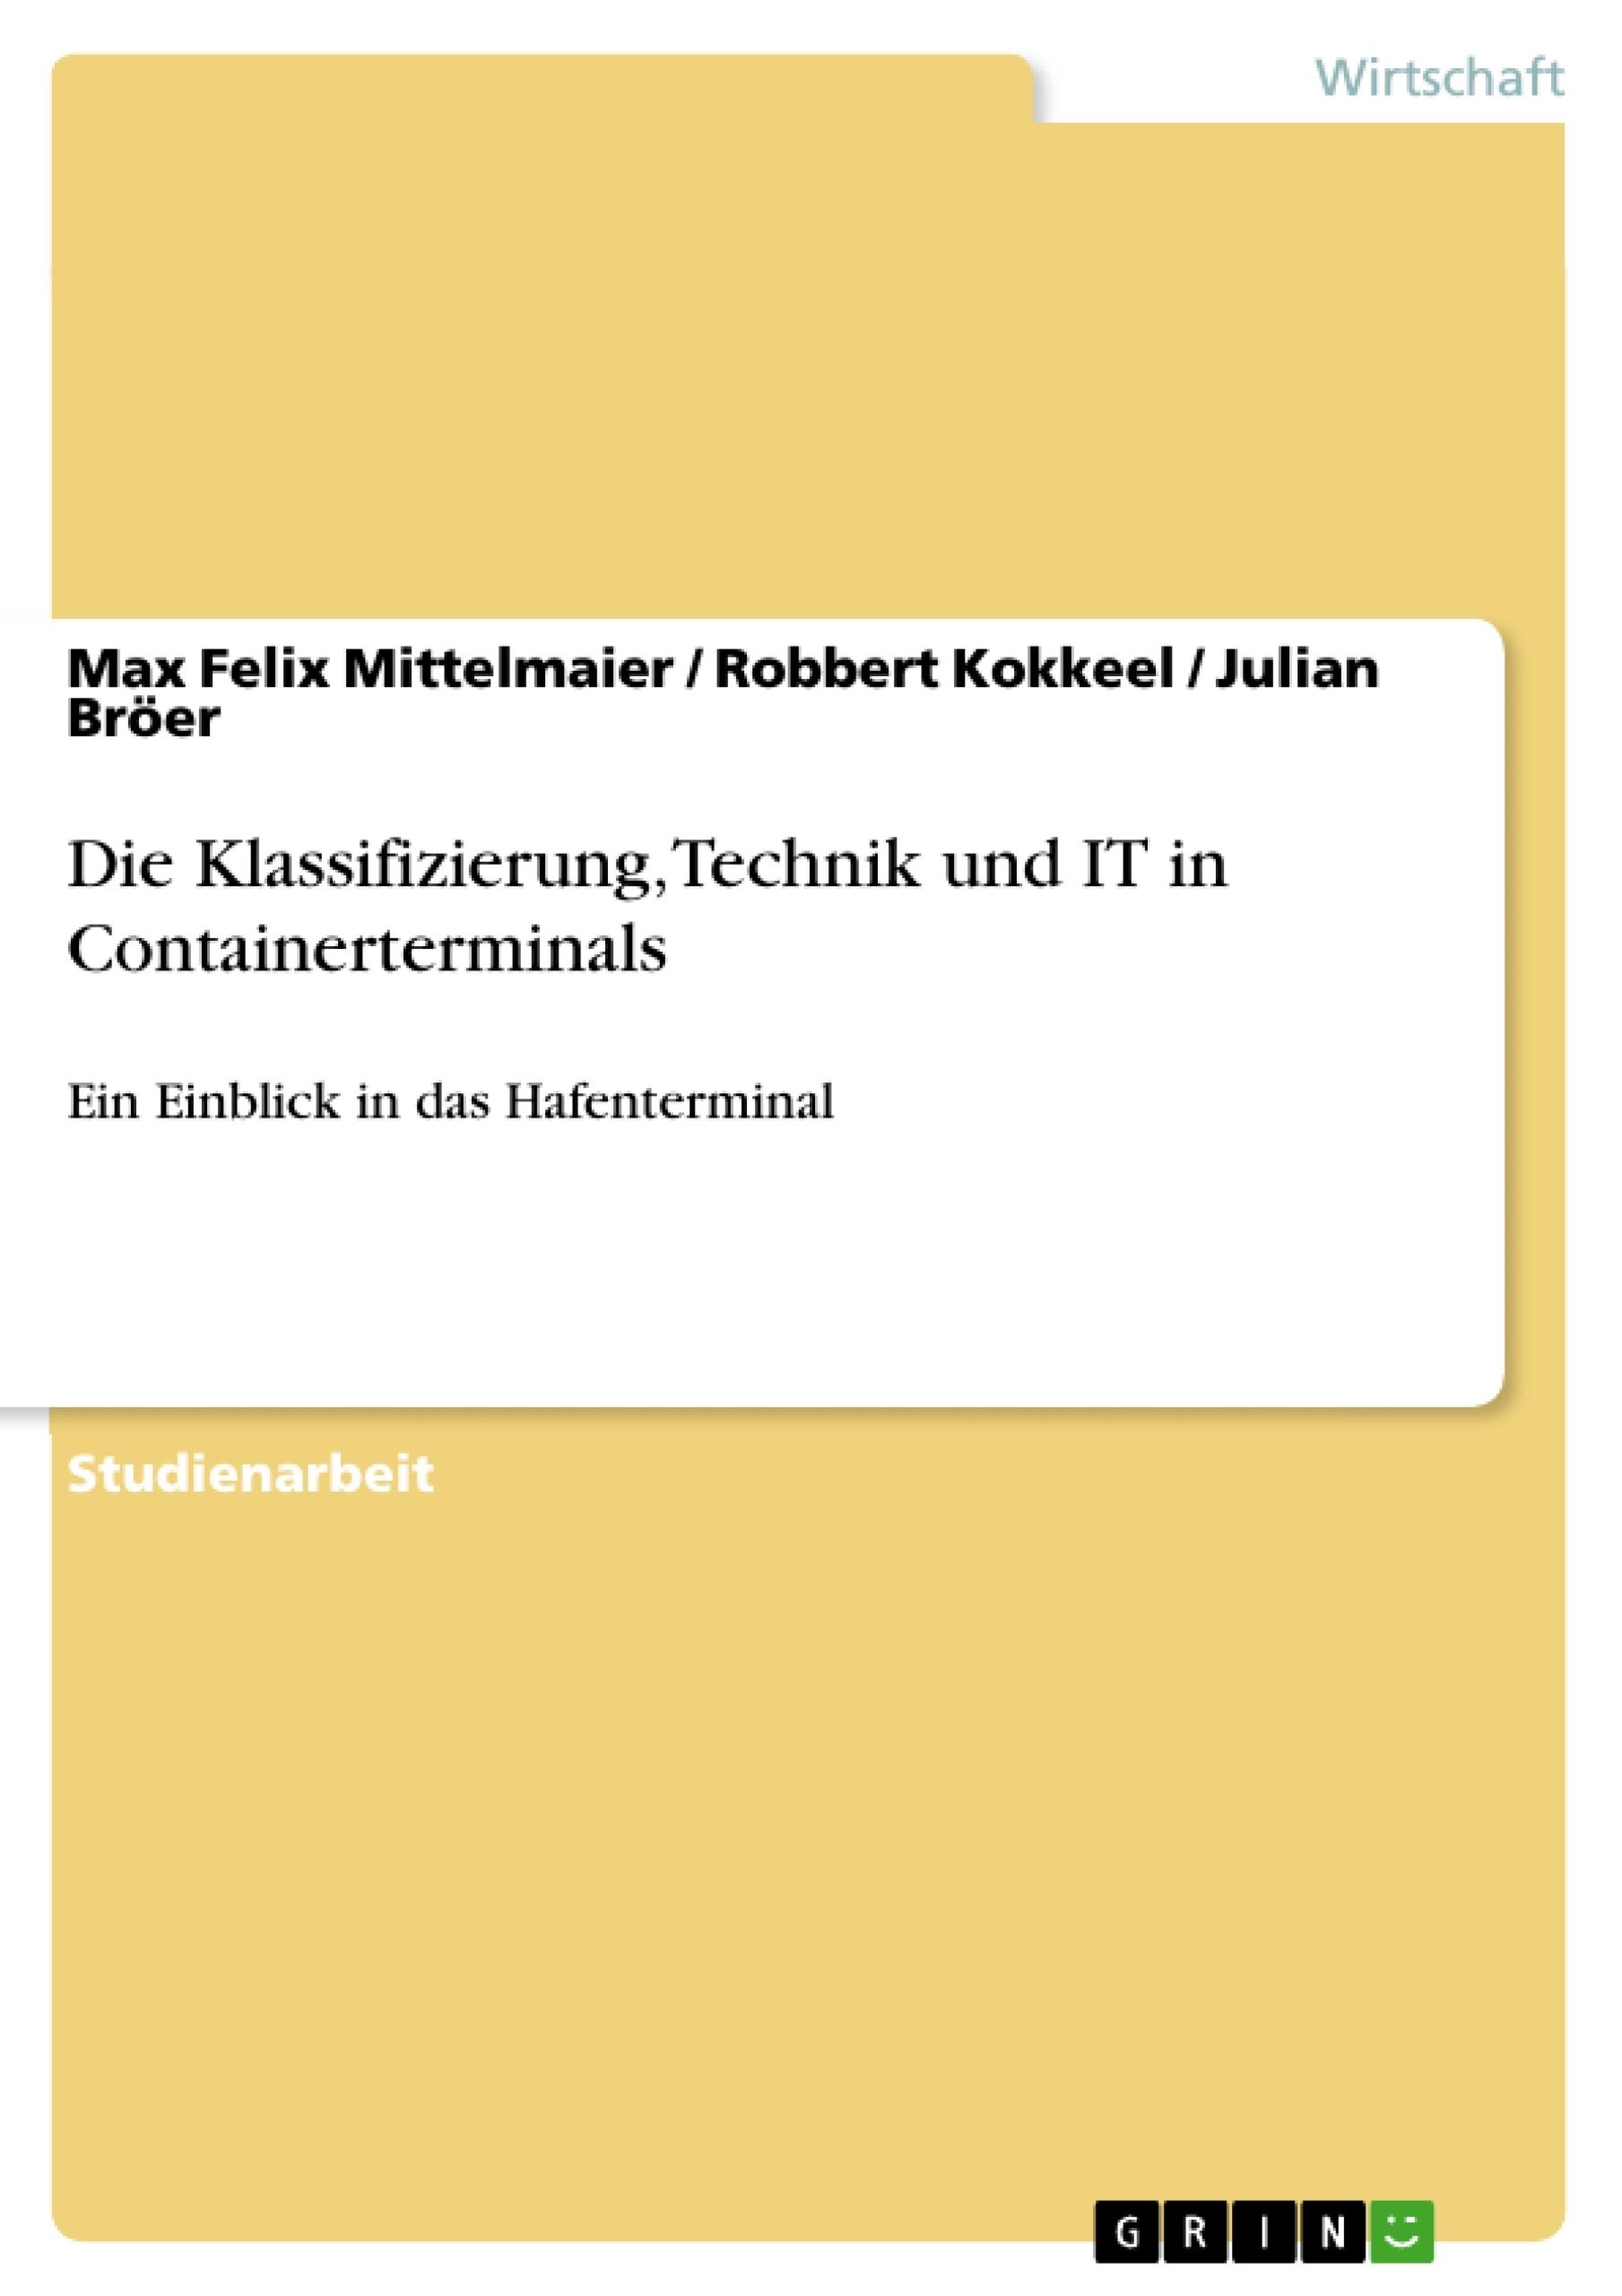 Titel: Die Klassifizierung, Technik und IT in Containerterminals